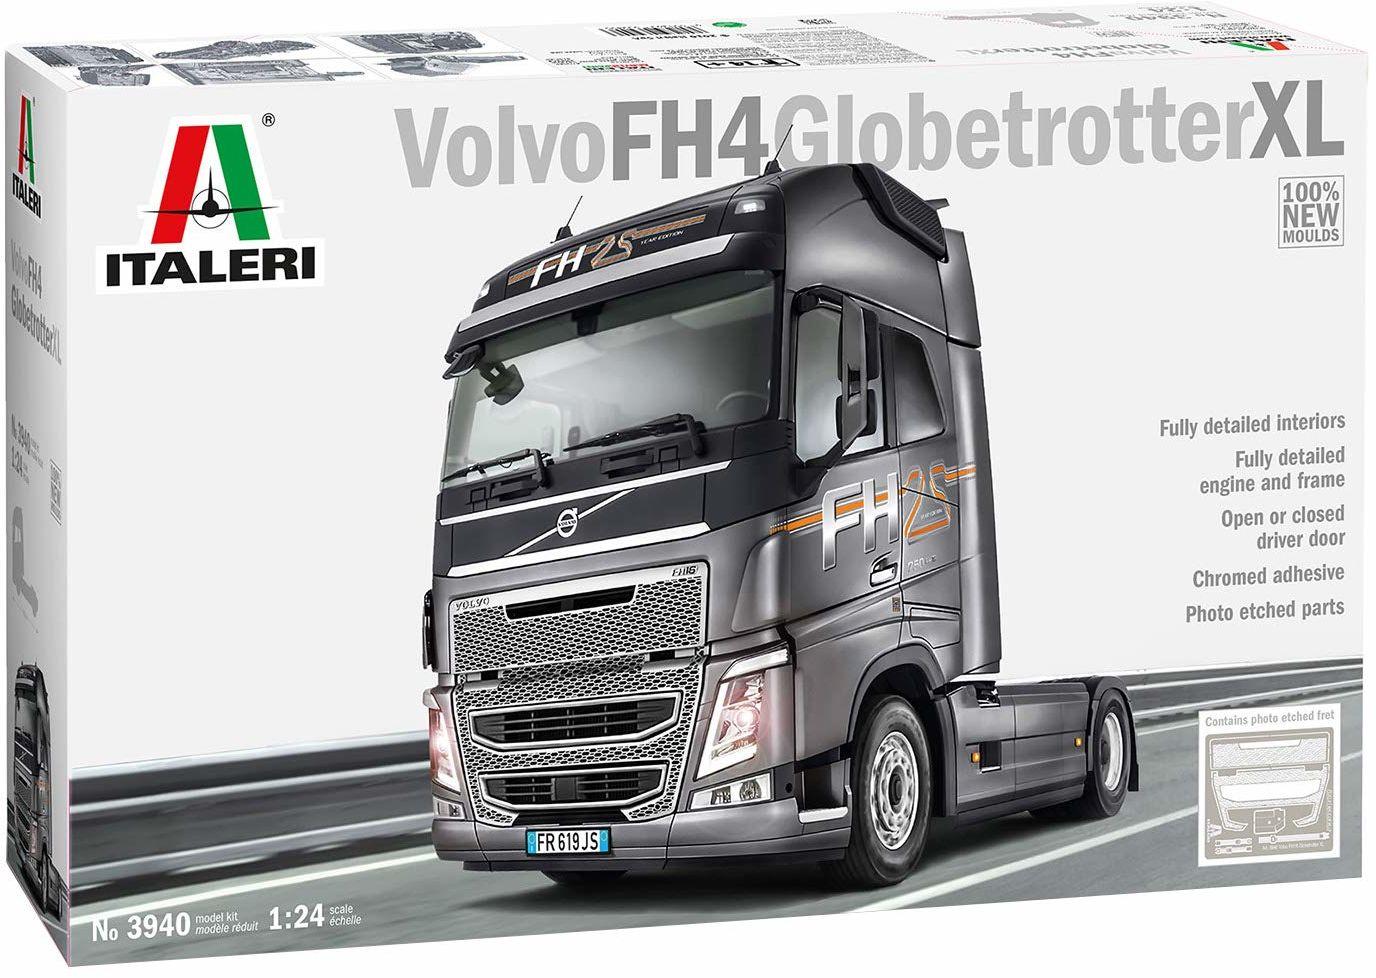 ITALERI 3940S  1:24 Volvo FH4 Globetrotter XL, modelarstwo, zestaw do budowania, budowy modeli stojących, majsterkowanie, klejenie, zestaw plastikowy, wierny szczegółom